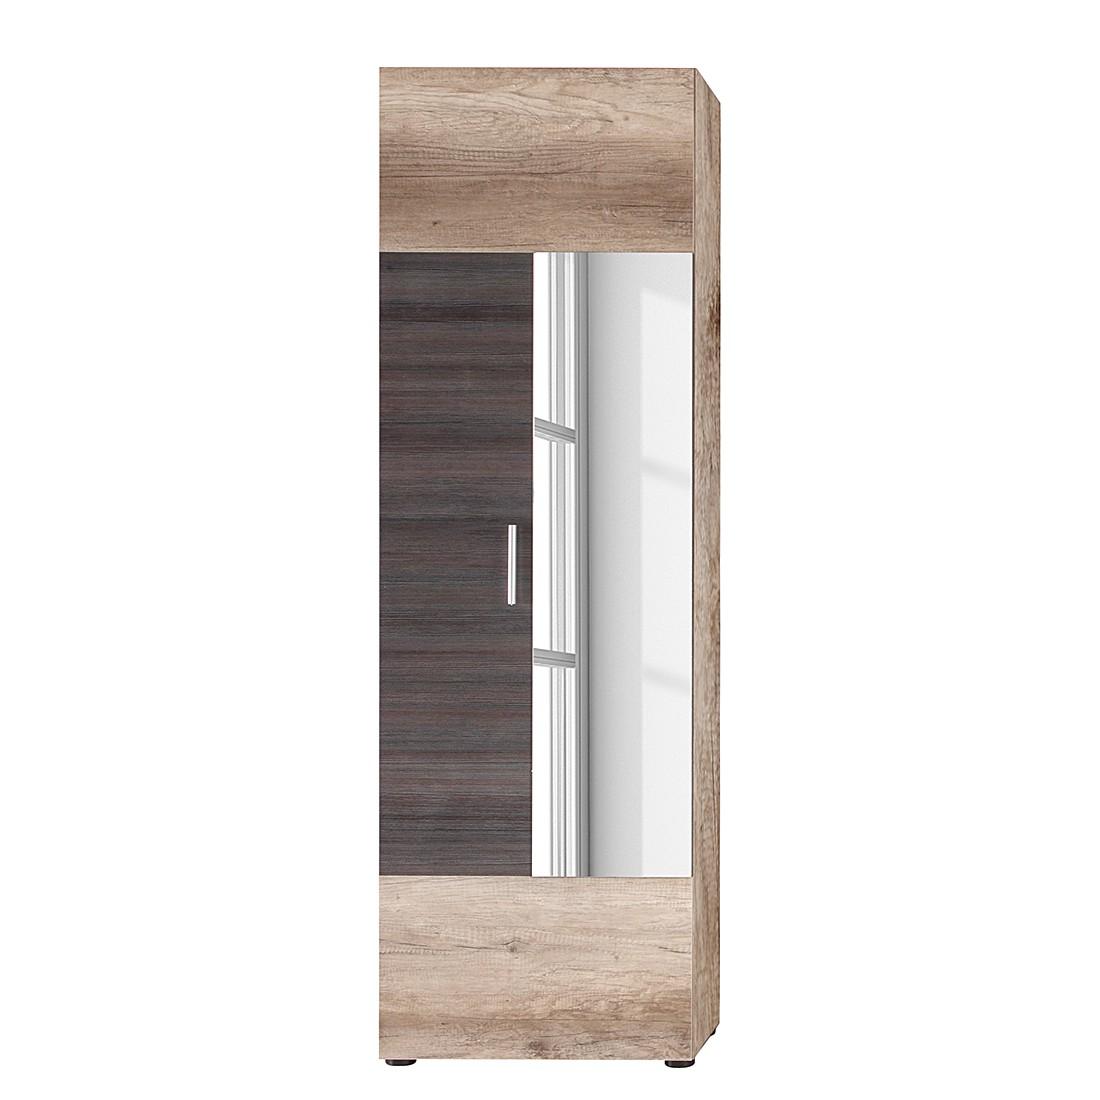 dekor spanplatten preis vergleich 2016. Black Bedroom Furniture Sets. Home Design Ideas